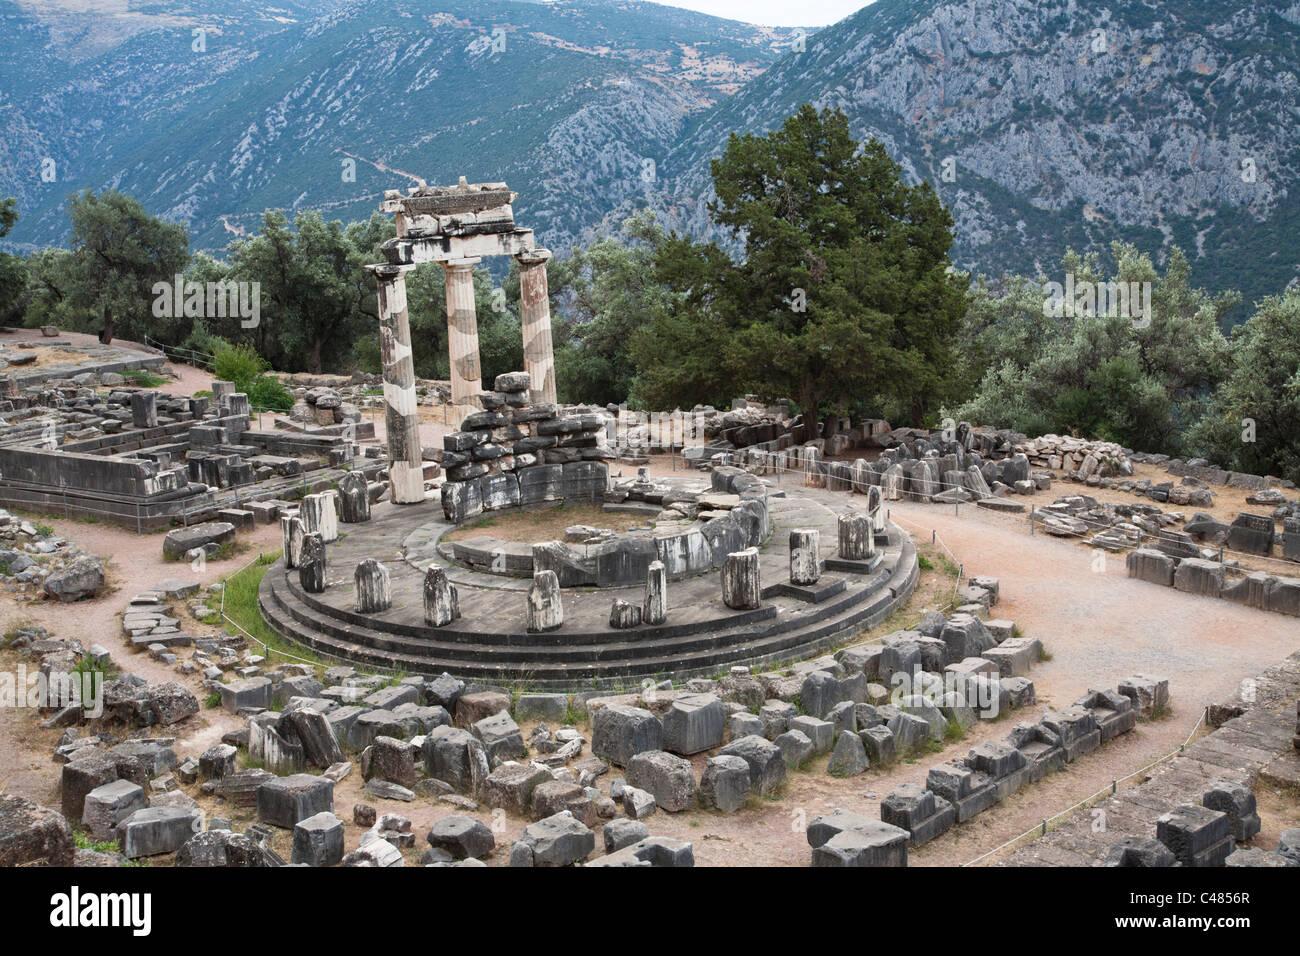 Tholos is a fourth century BC rotunda, Delphi Greece Stock Photo